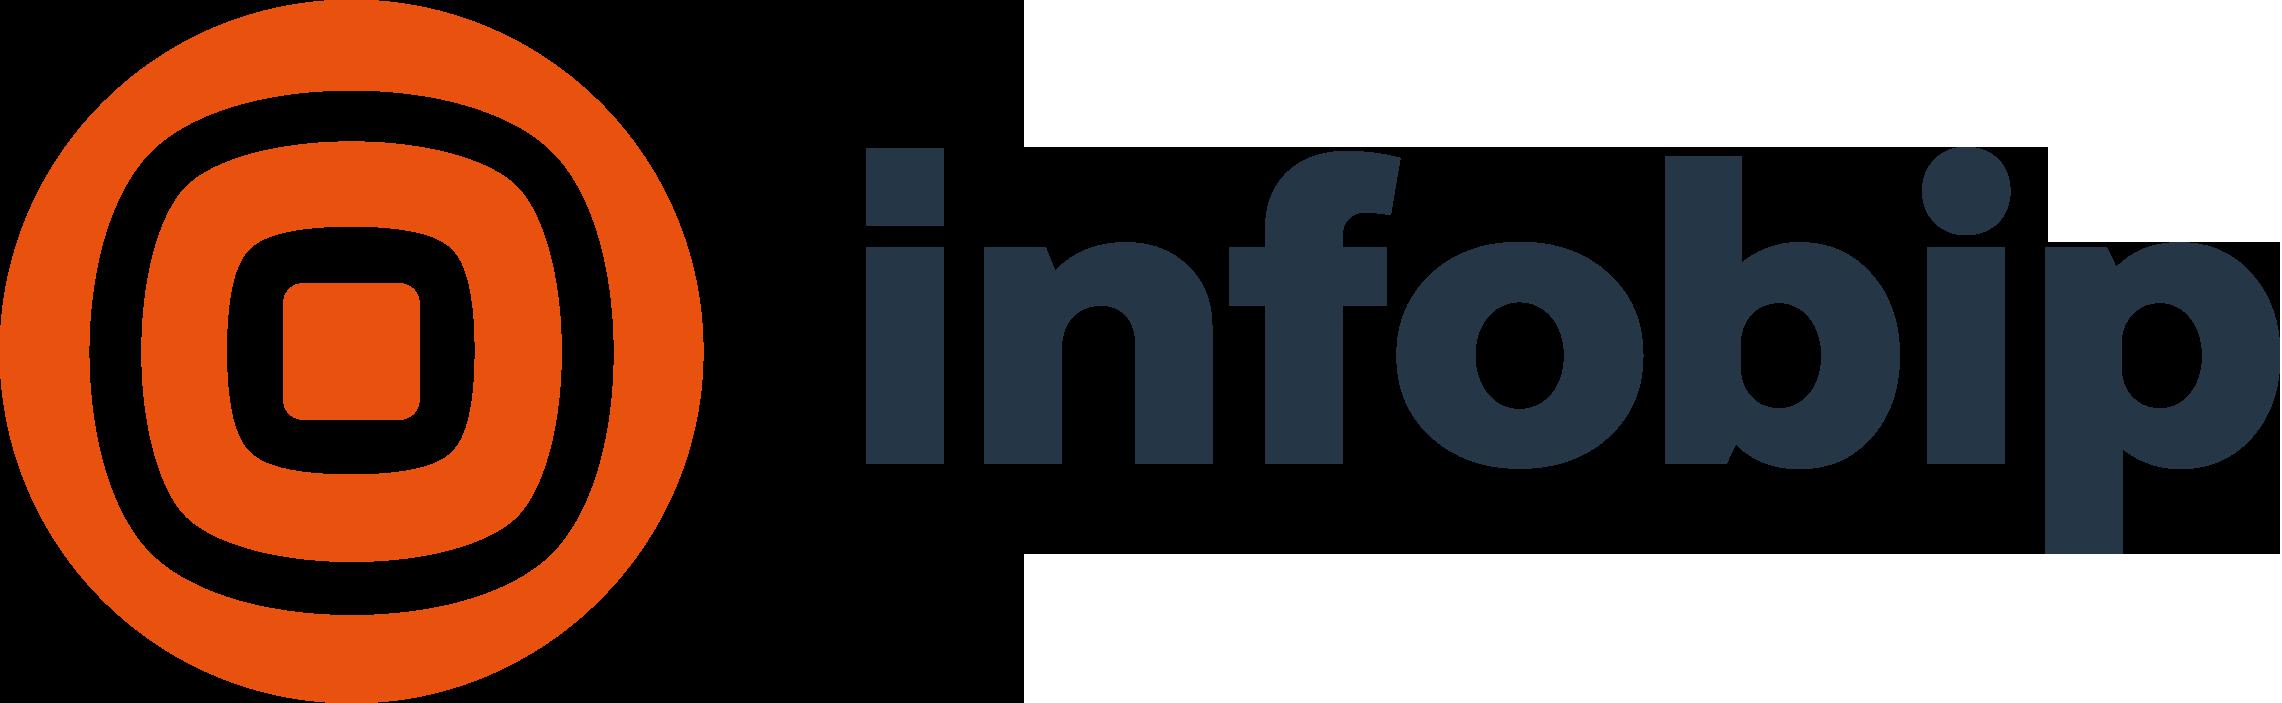 Enterprise Team Leader na Infobip